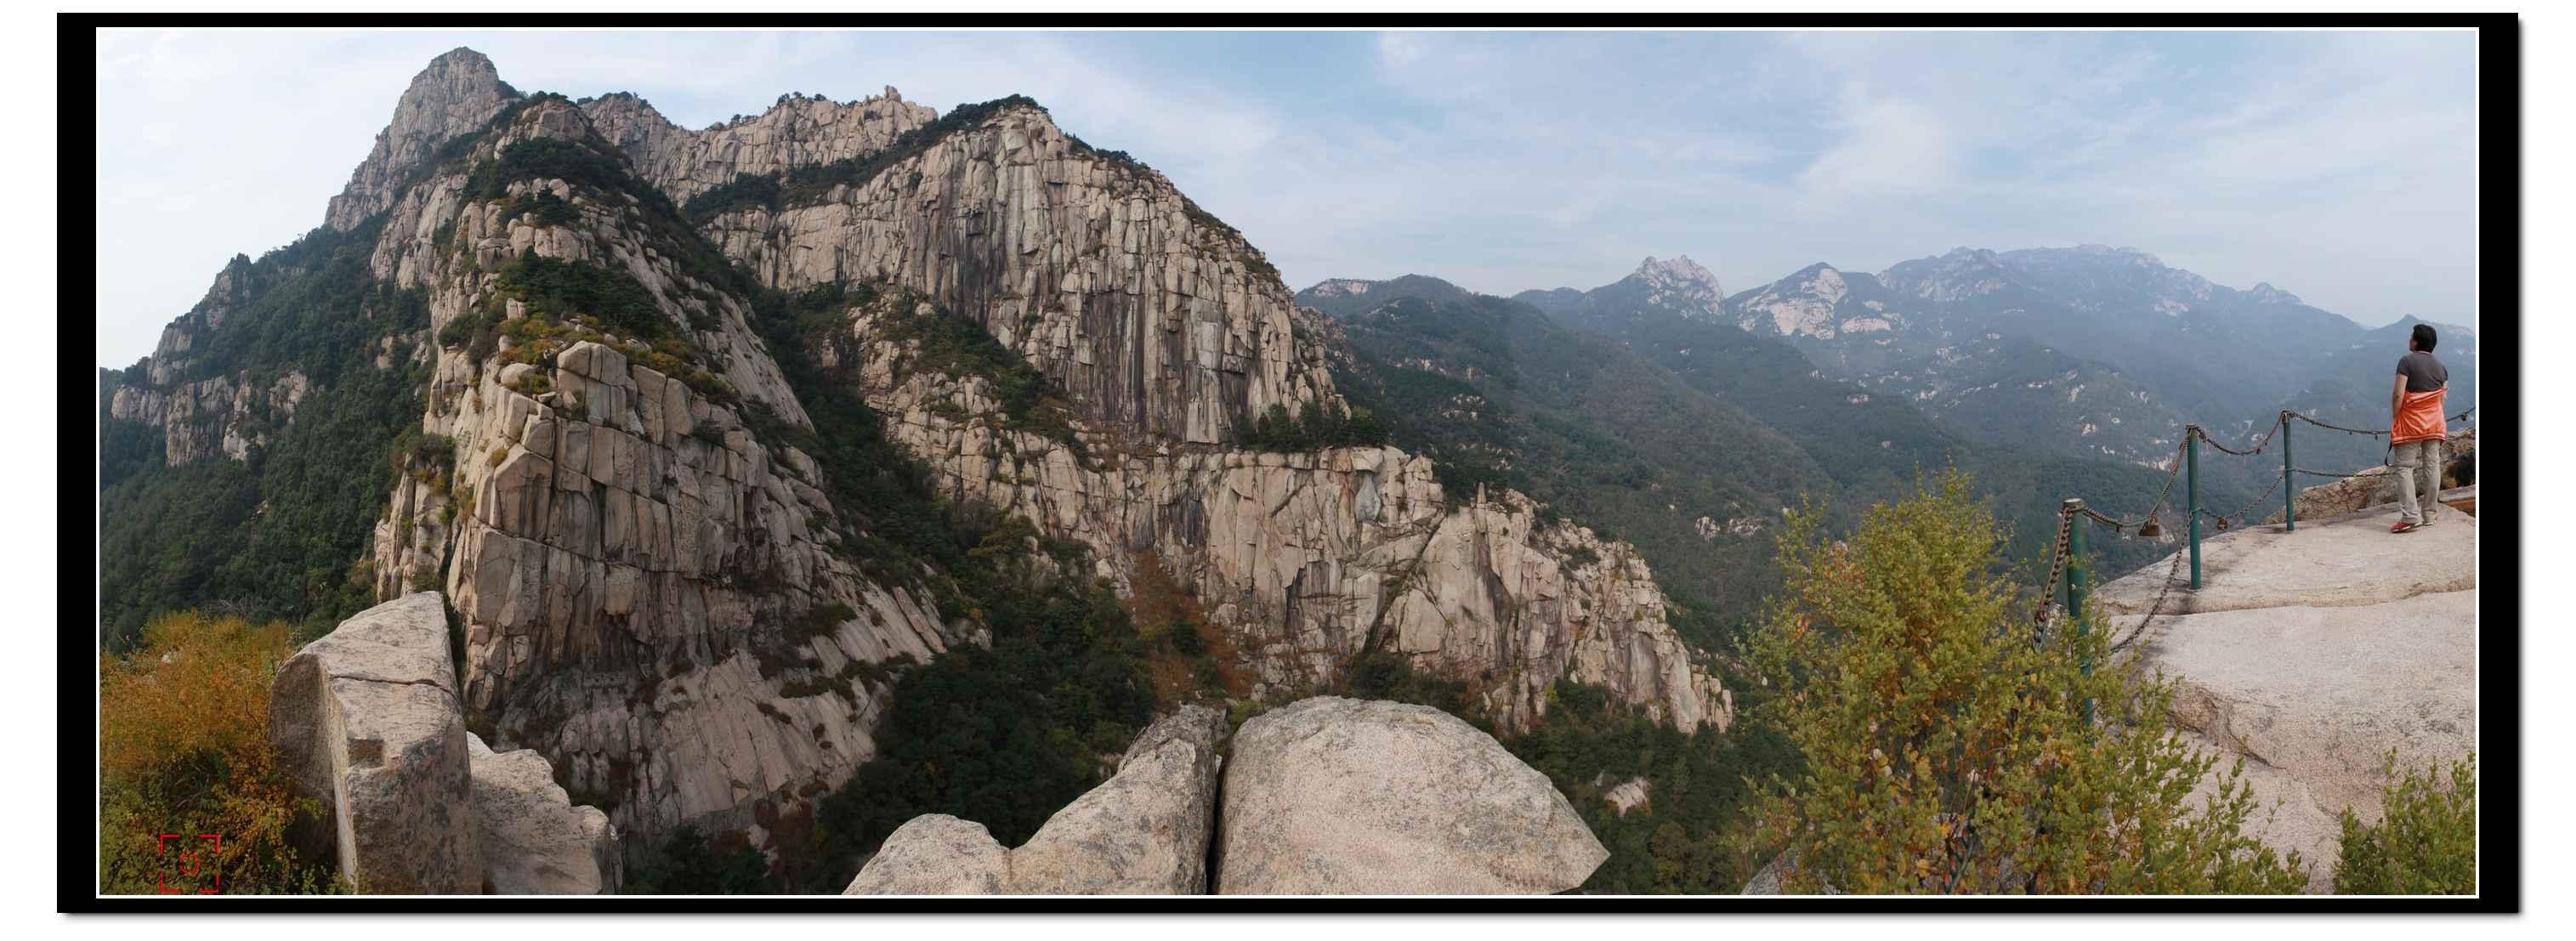 泰山傲来峰全景图 3.jpg